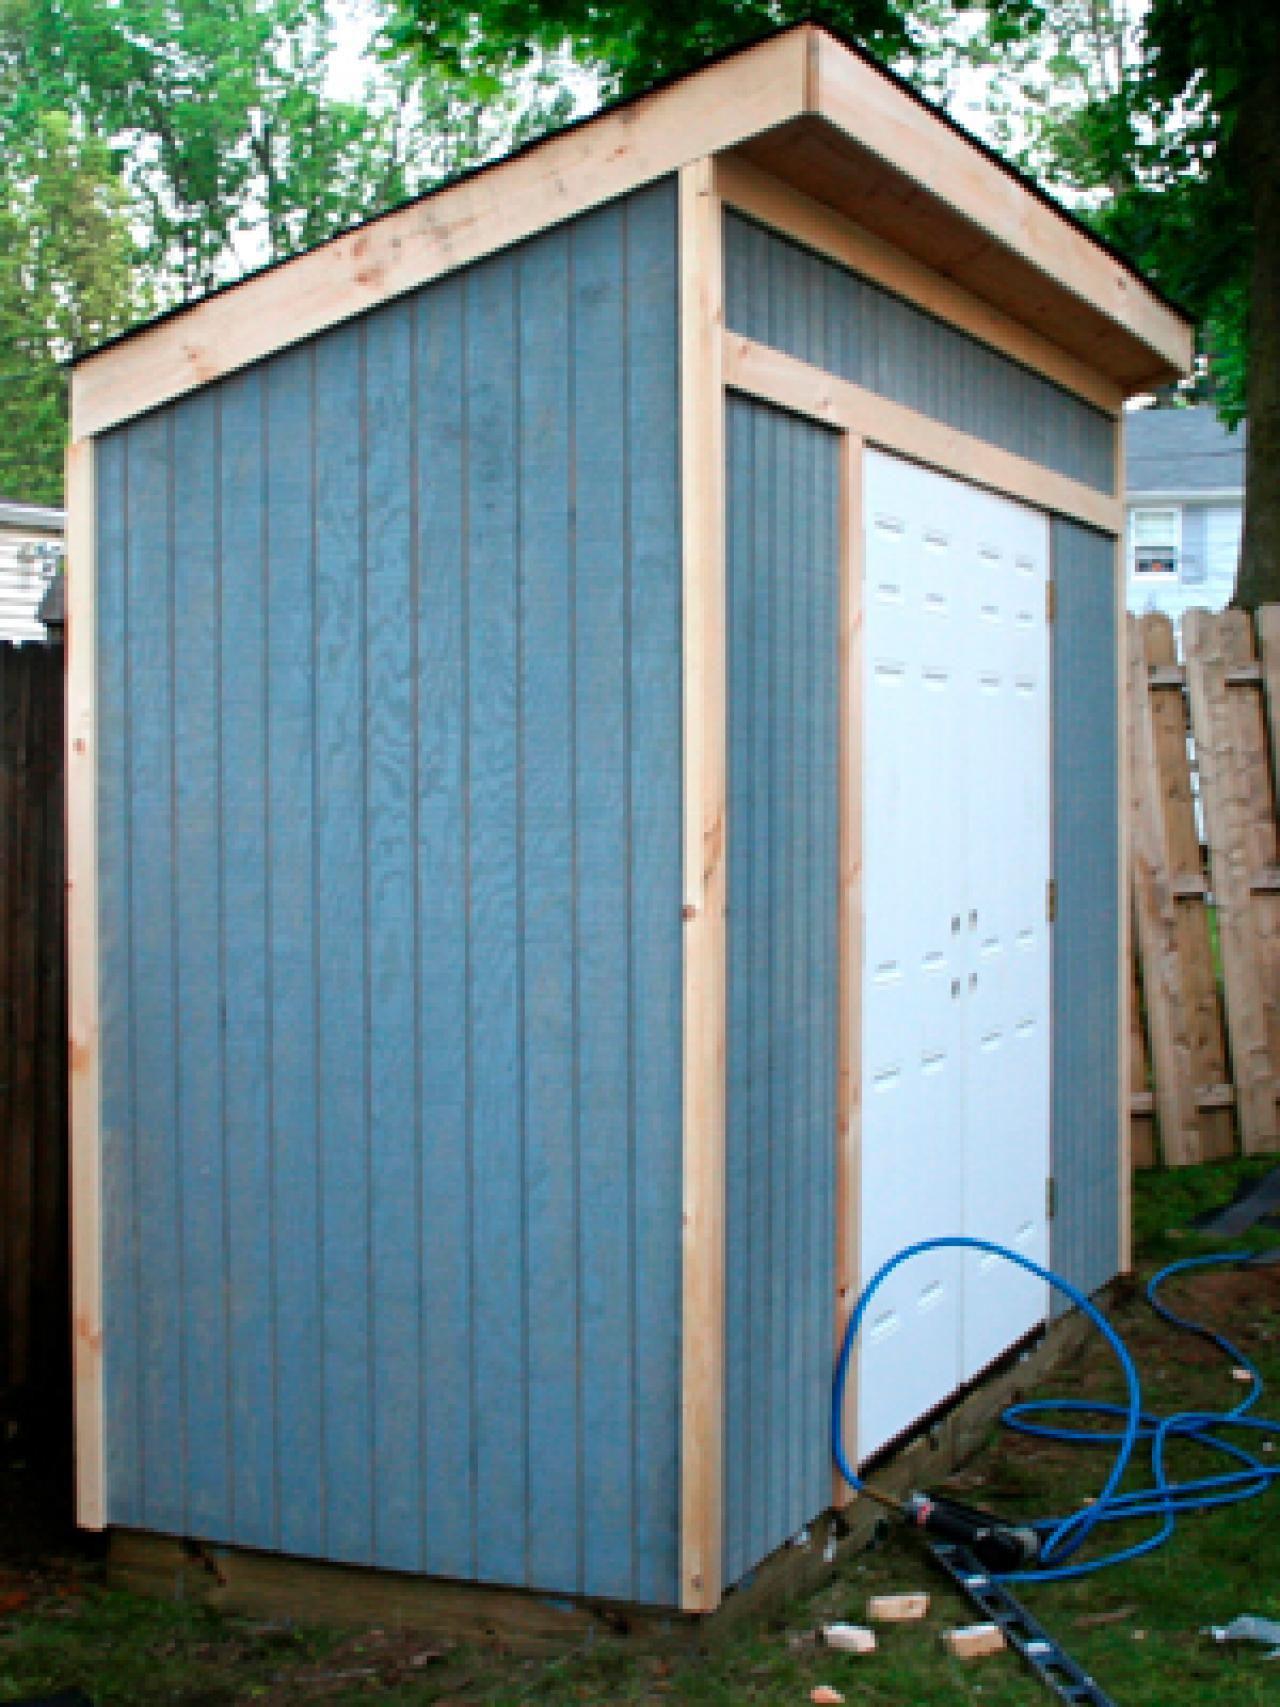 Storage Shed for Garden Tools u003eu003e